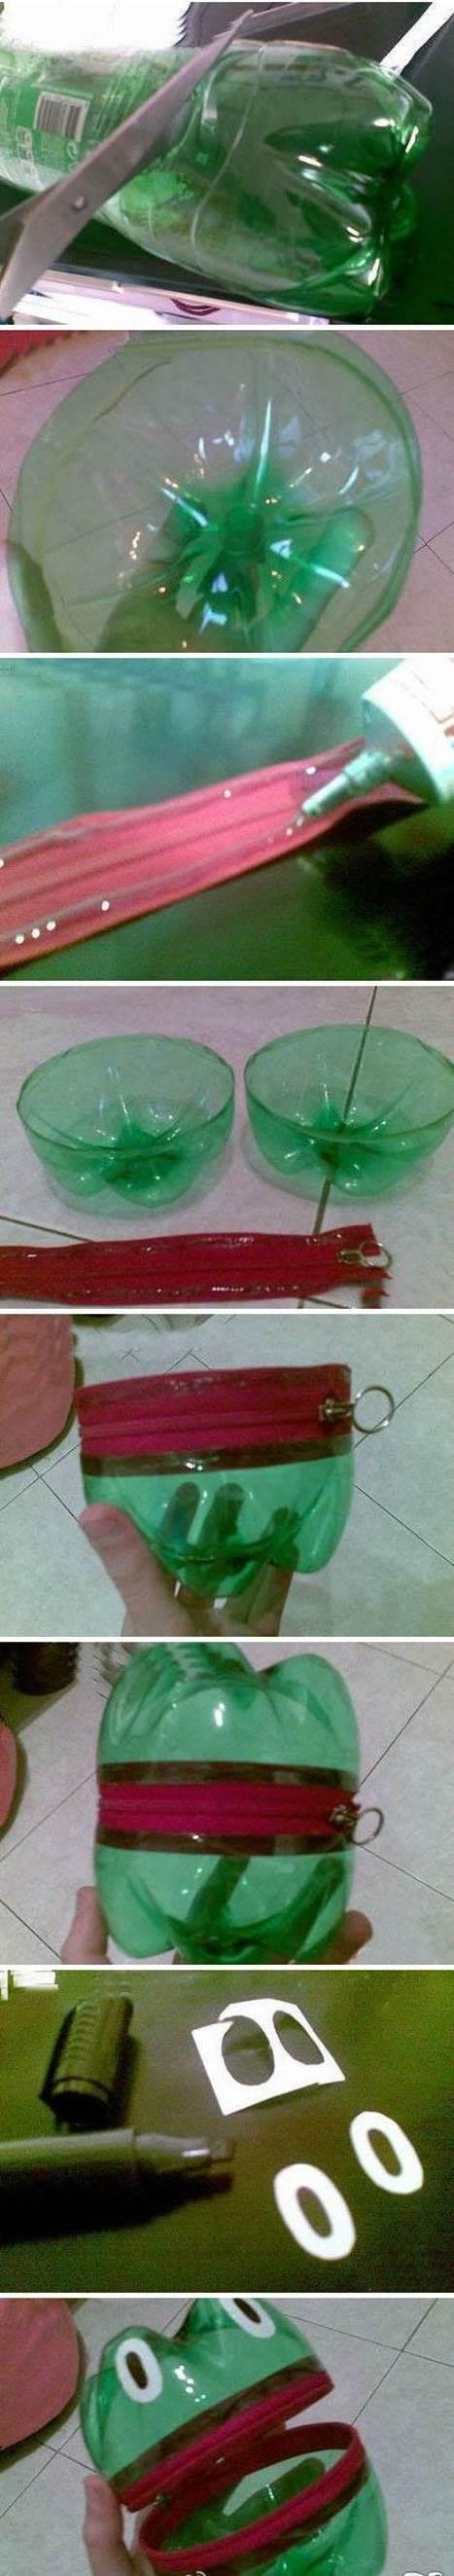 DIY Plastic Bottle Frog Change Case 2